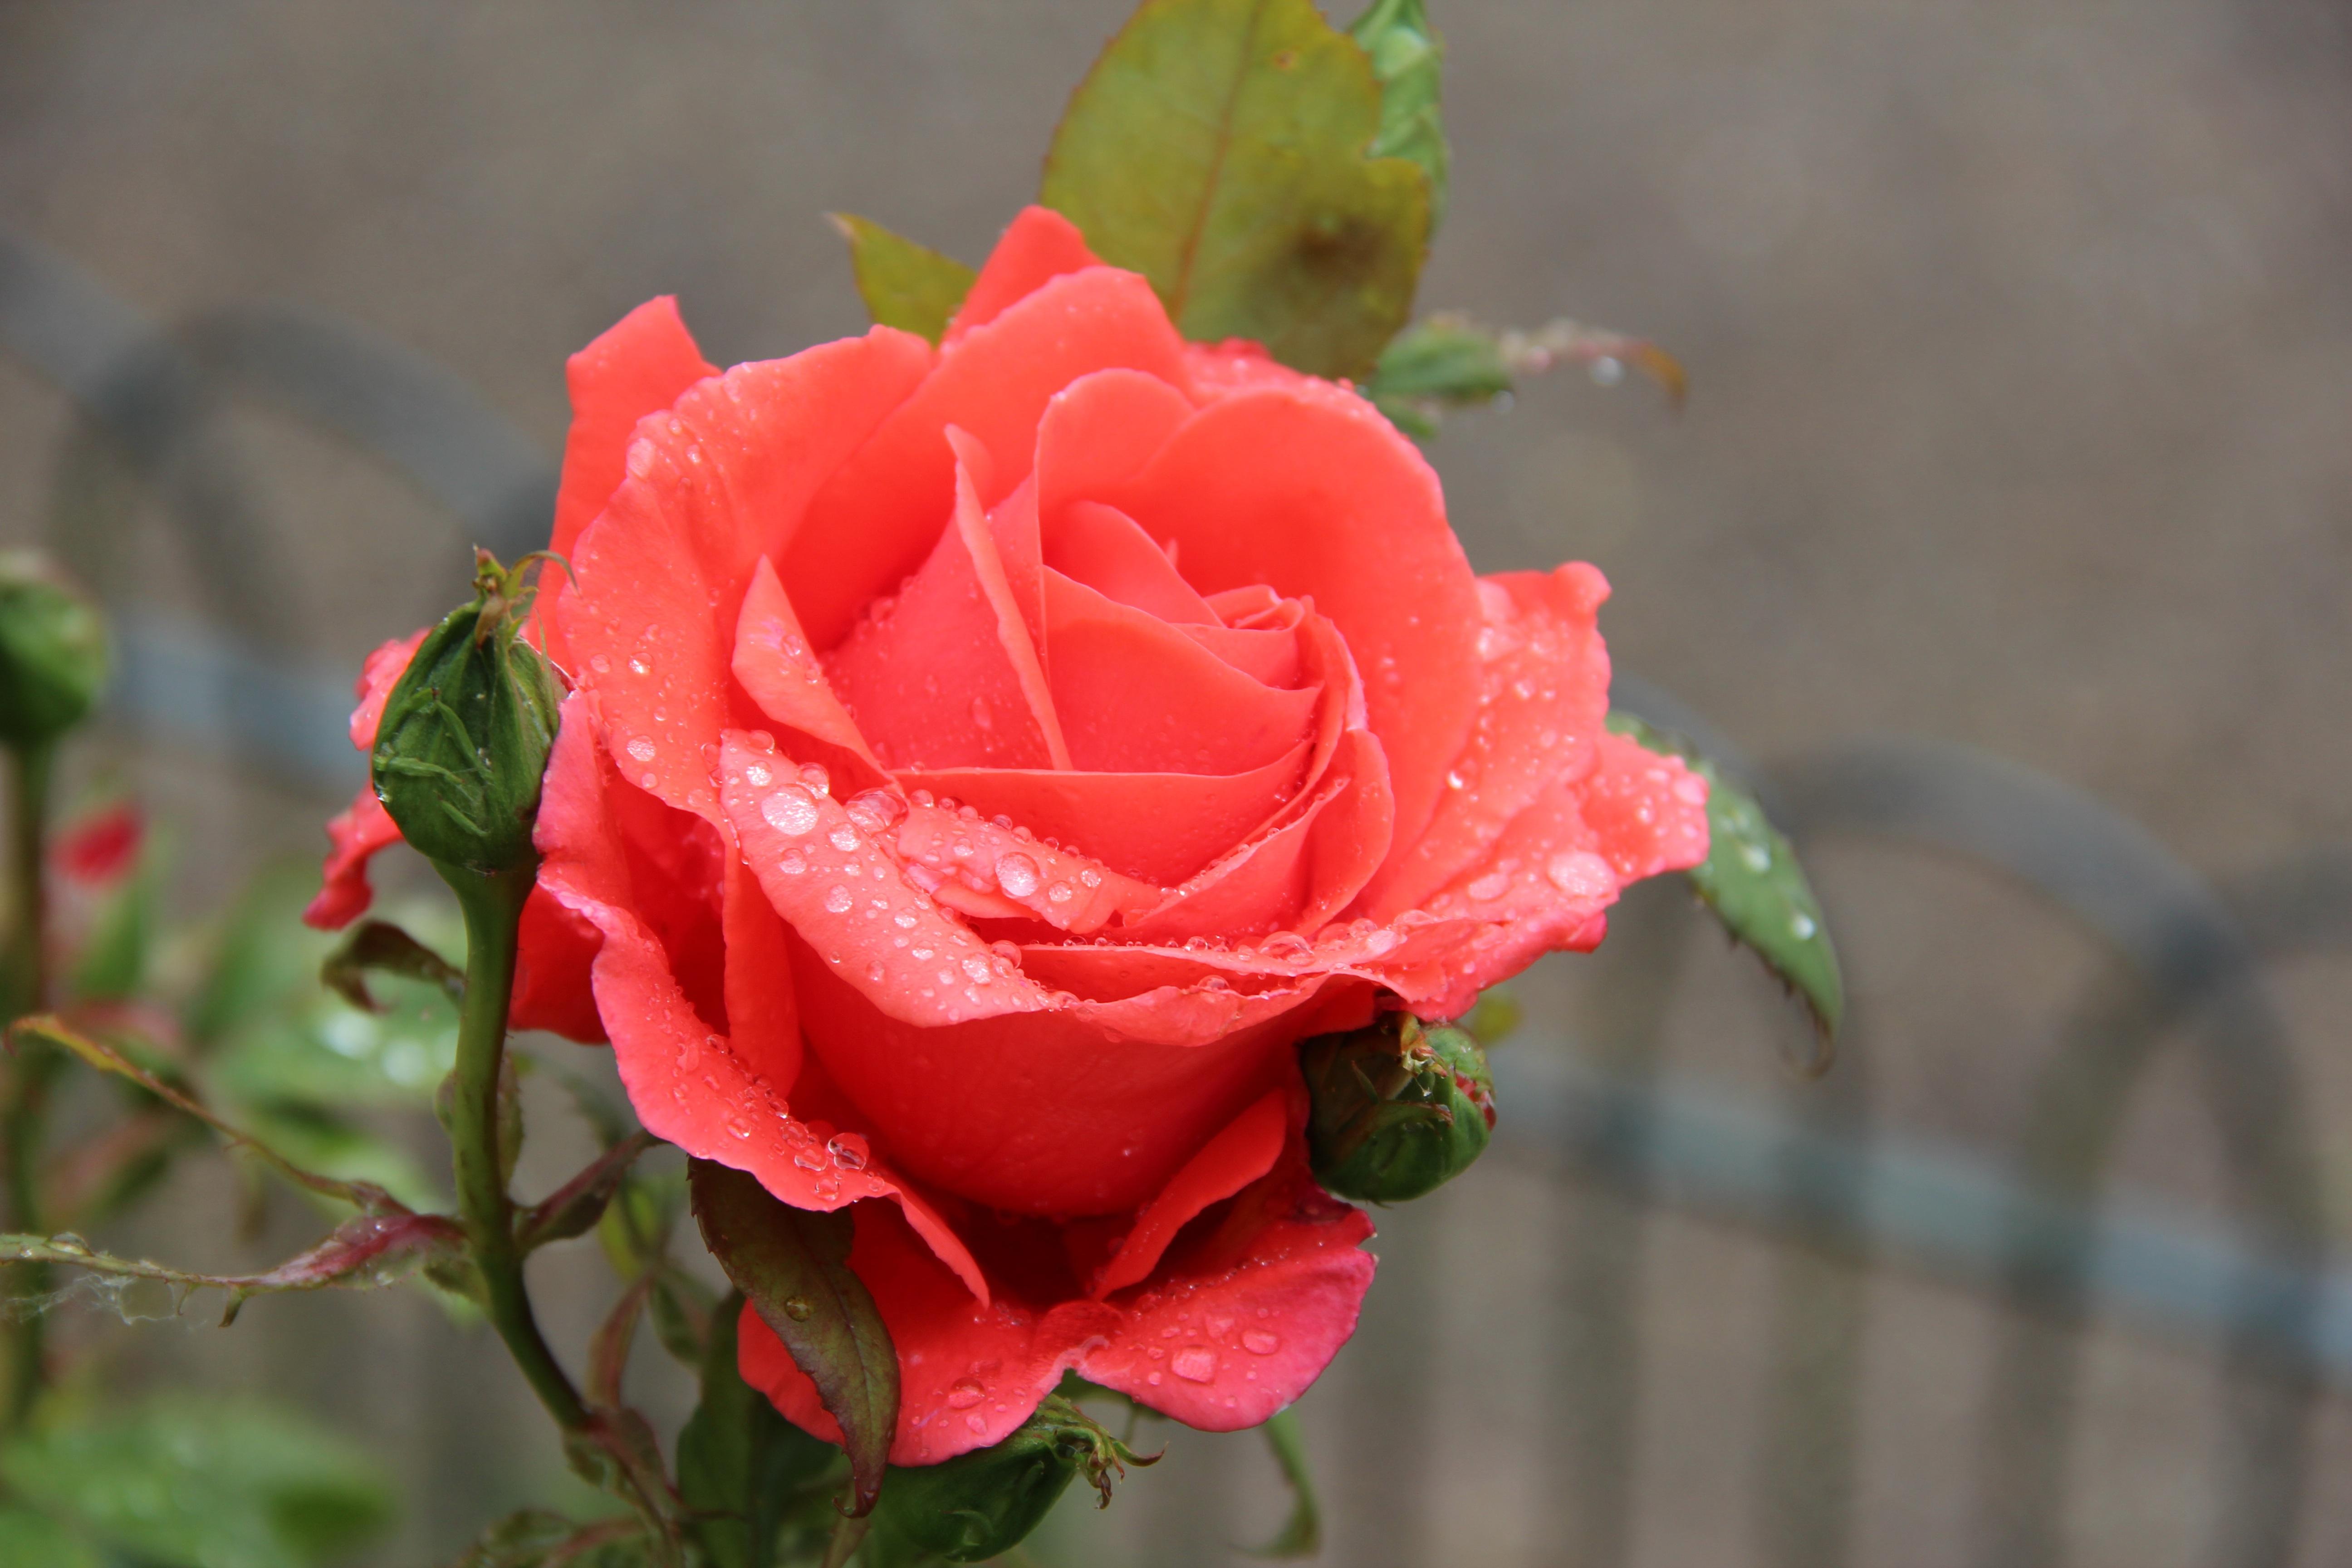 через красивые фото большие розы с росой язык один официальных